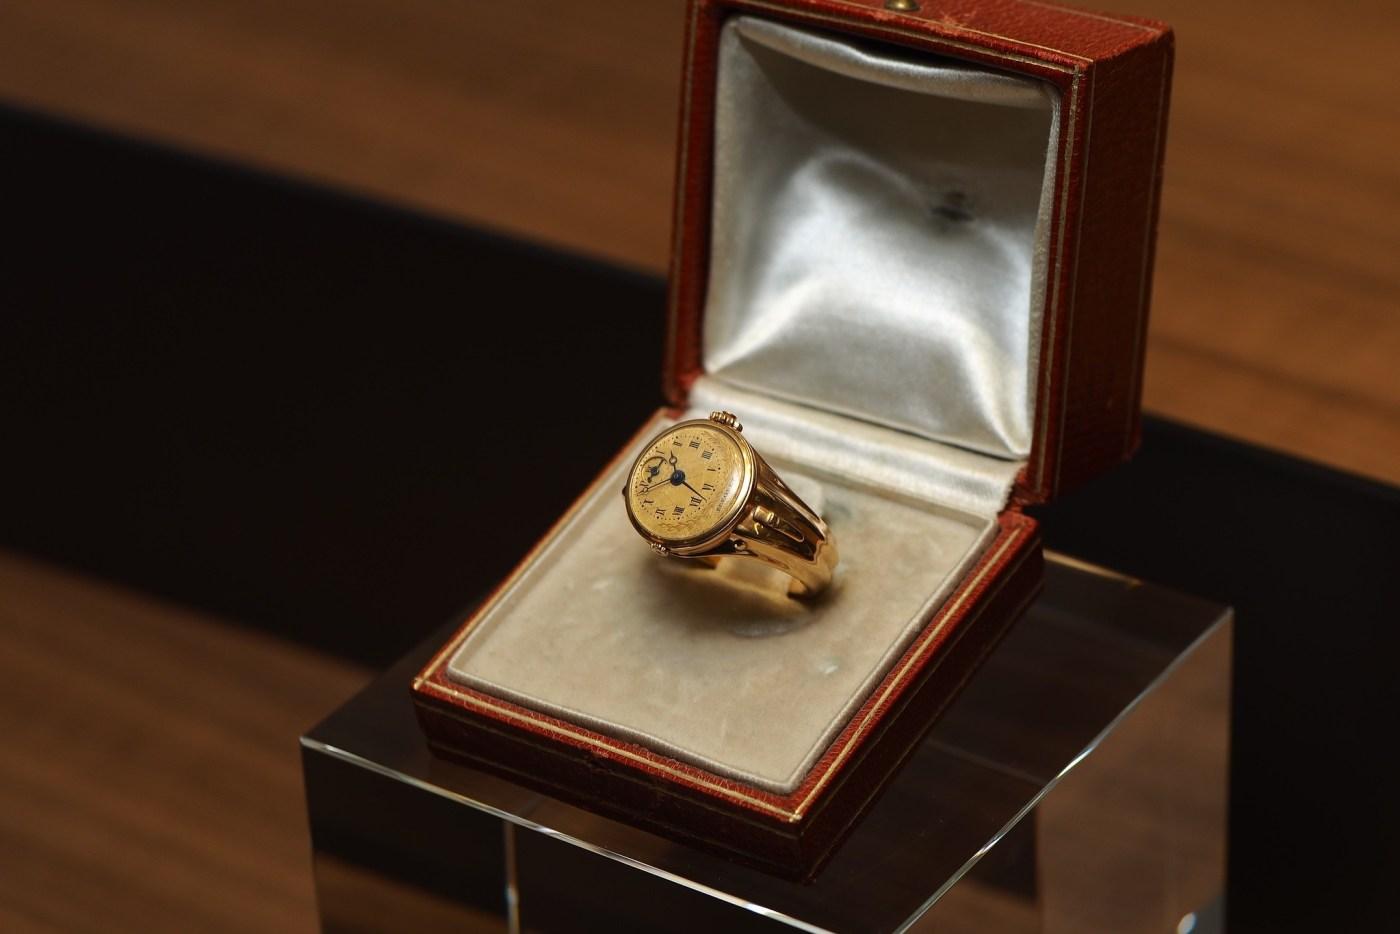 Breguet No. 180 Gold Ring Watch